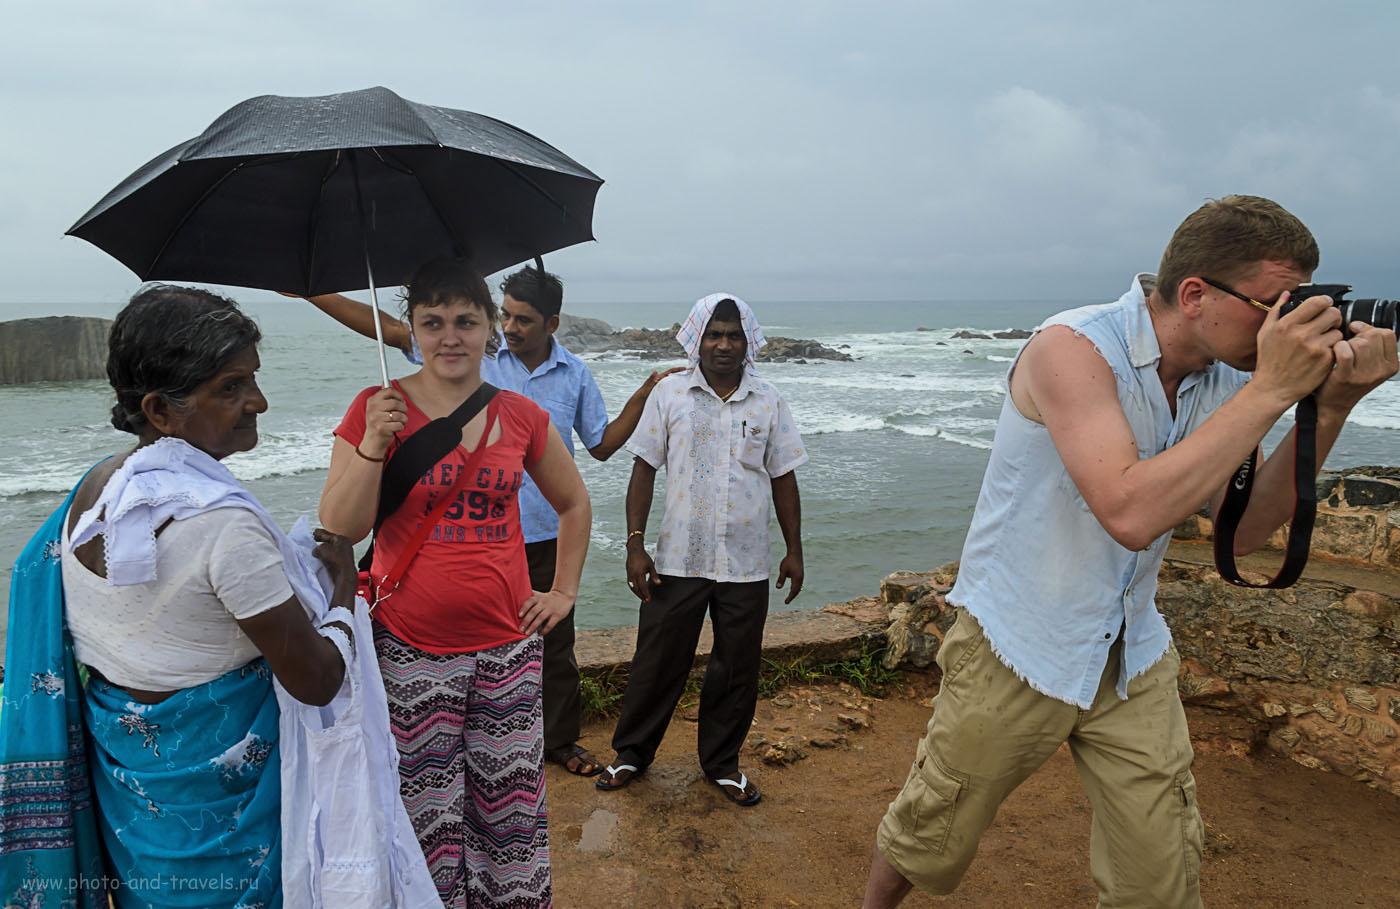 Фото 11. На бастионе у маяка (lighthouse) в форте Галле на Шри-Ланке. Отзывы об отдыхе на острове самостоятельно. Как мы добрались из Хиккадувы в Тиссу на автомобиле.